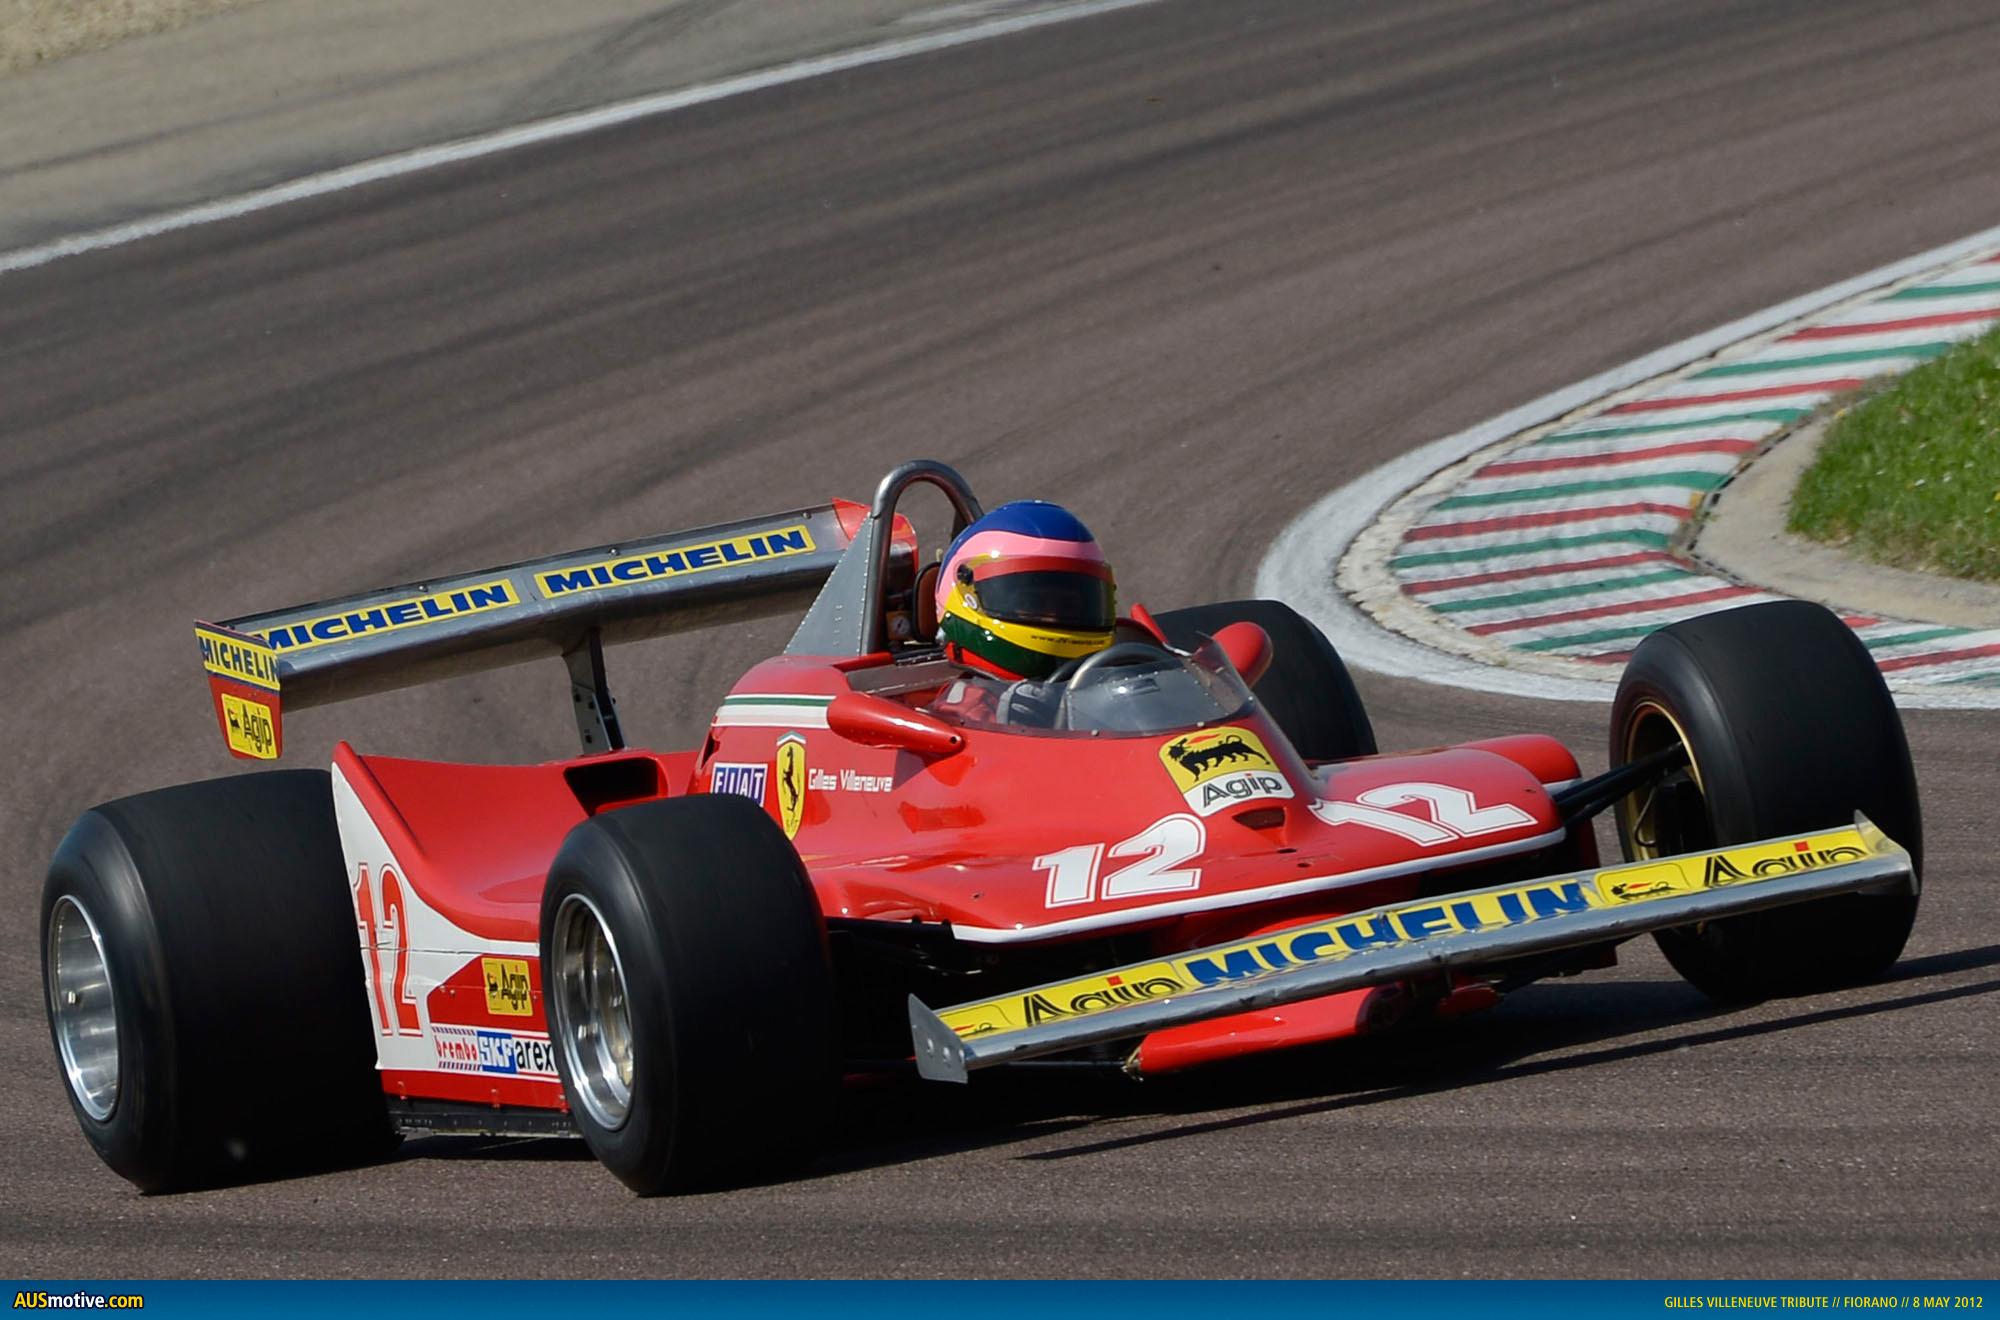 Champion Driving School >> AUSmotive.com » Ferrari remembers Gilles Villeneuve